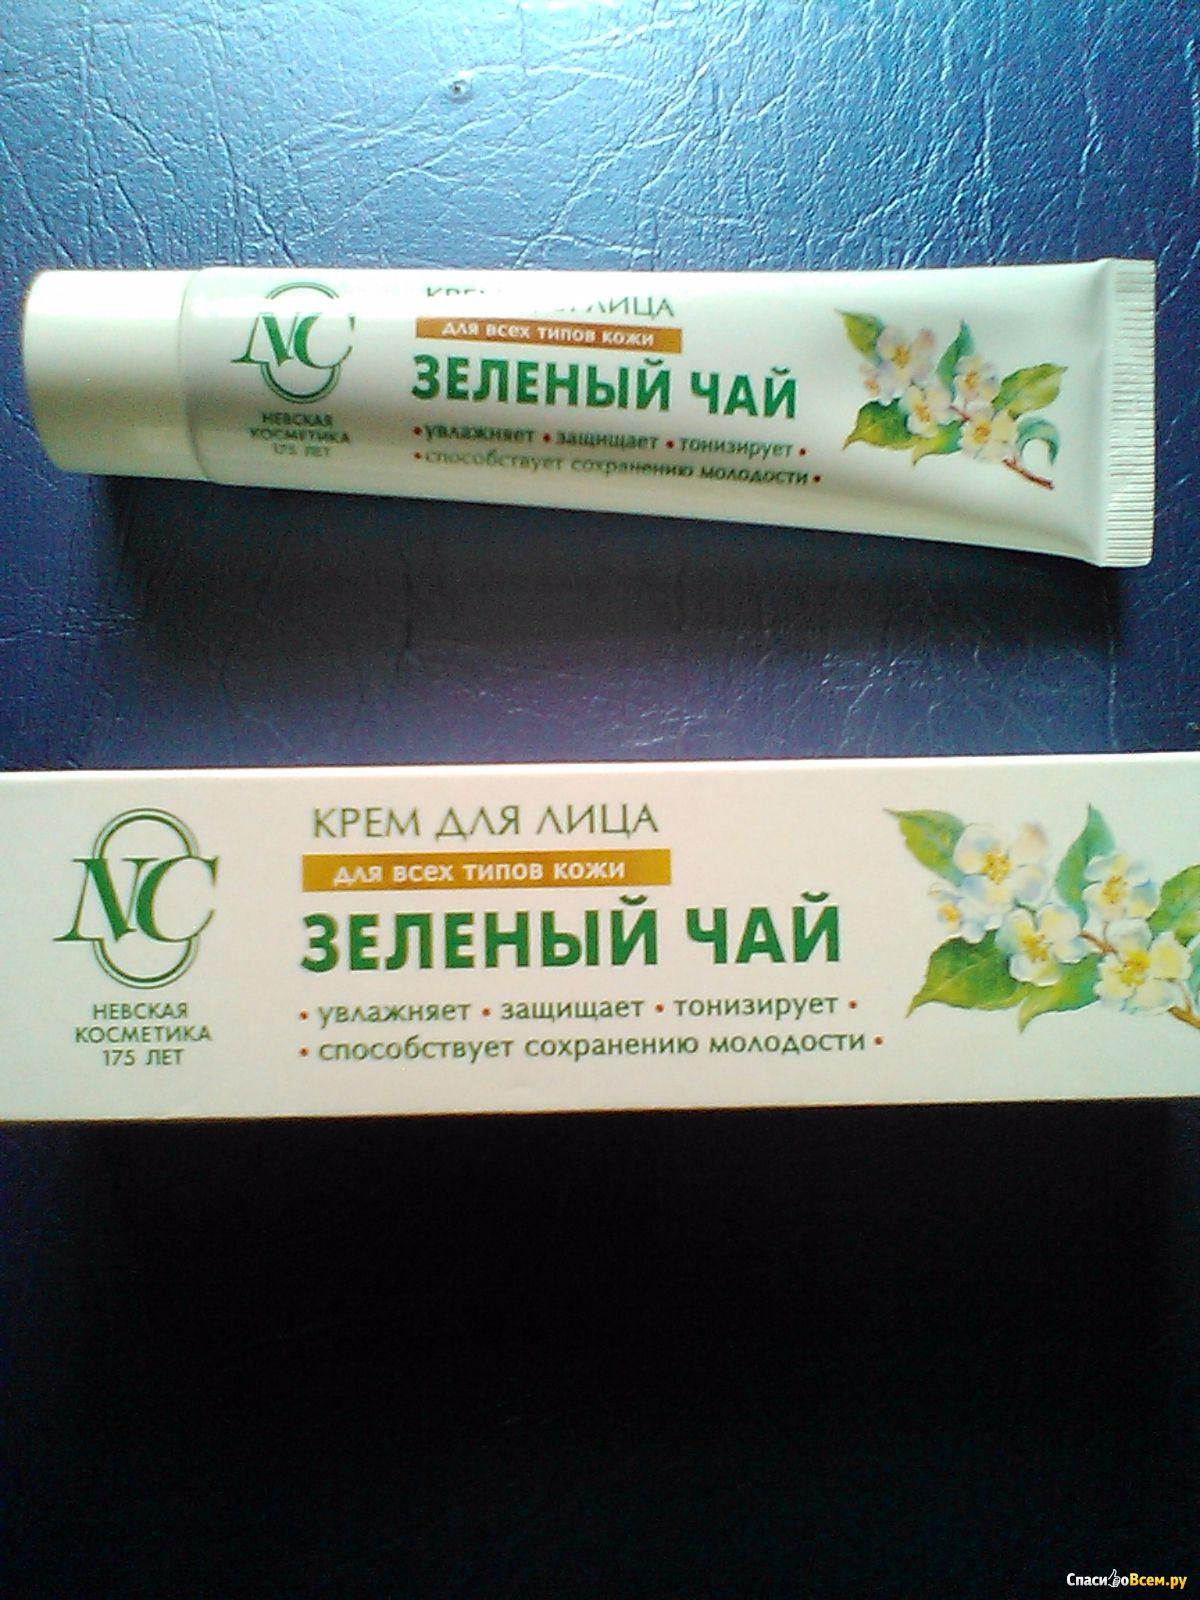 Крем для лица зеленый чай от невской косметики